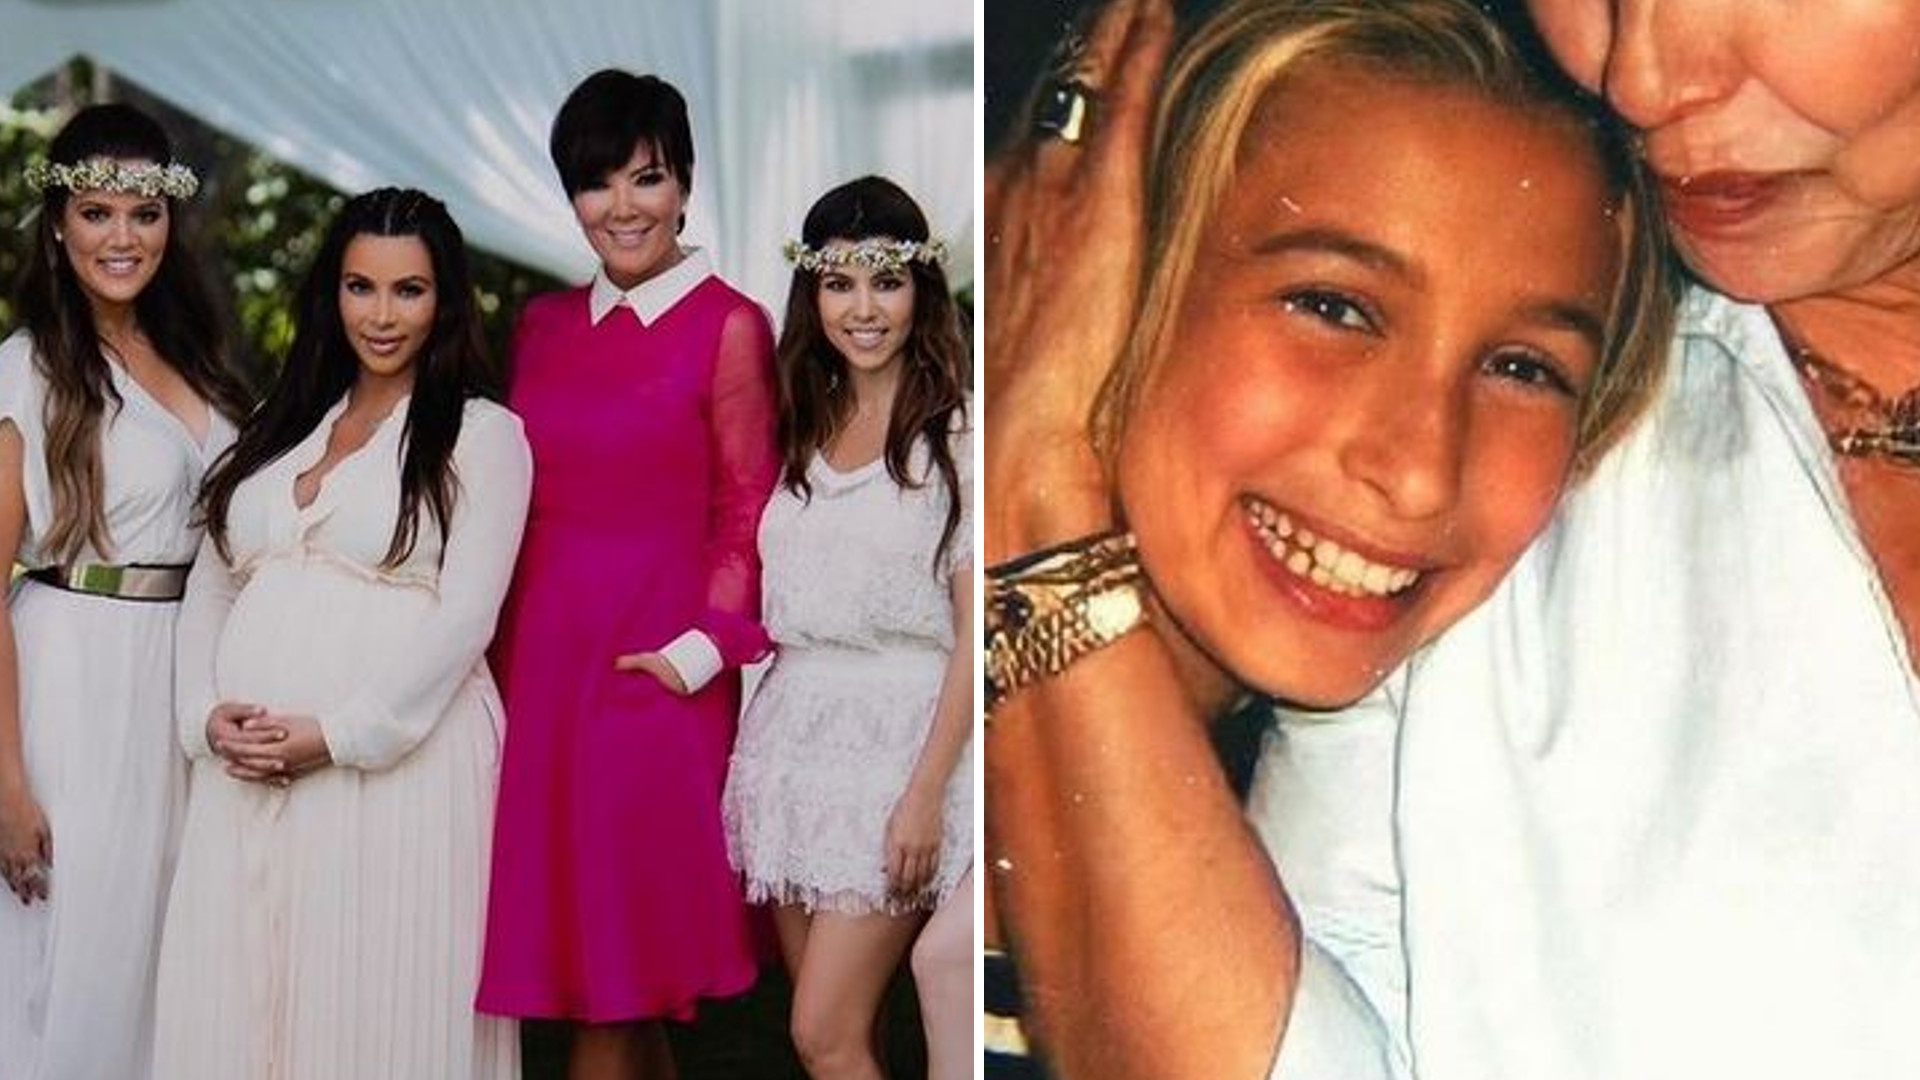 Zagraniczne gwiazdy świętują Dzień Matki. Mama Hailey Bieber to piękna kobieta, a Mariah Carey pokazała dzieci (ZDJĘCIA)